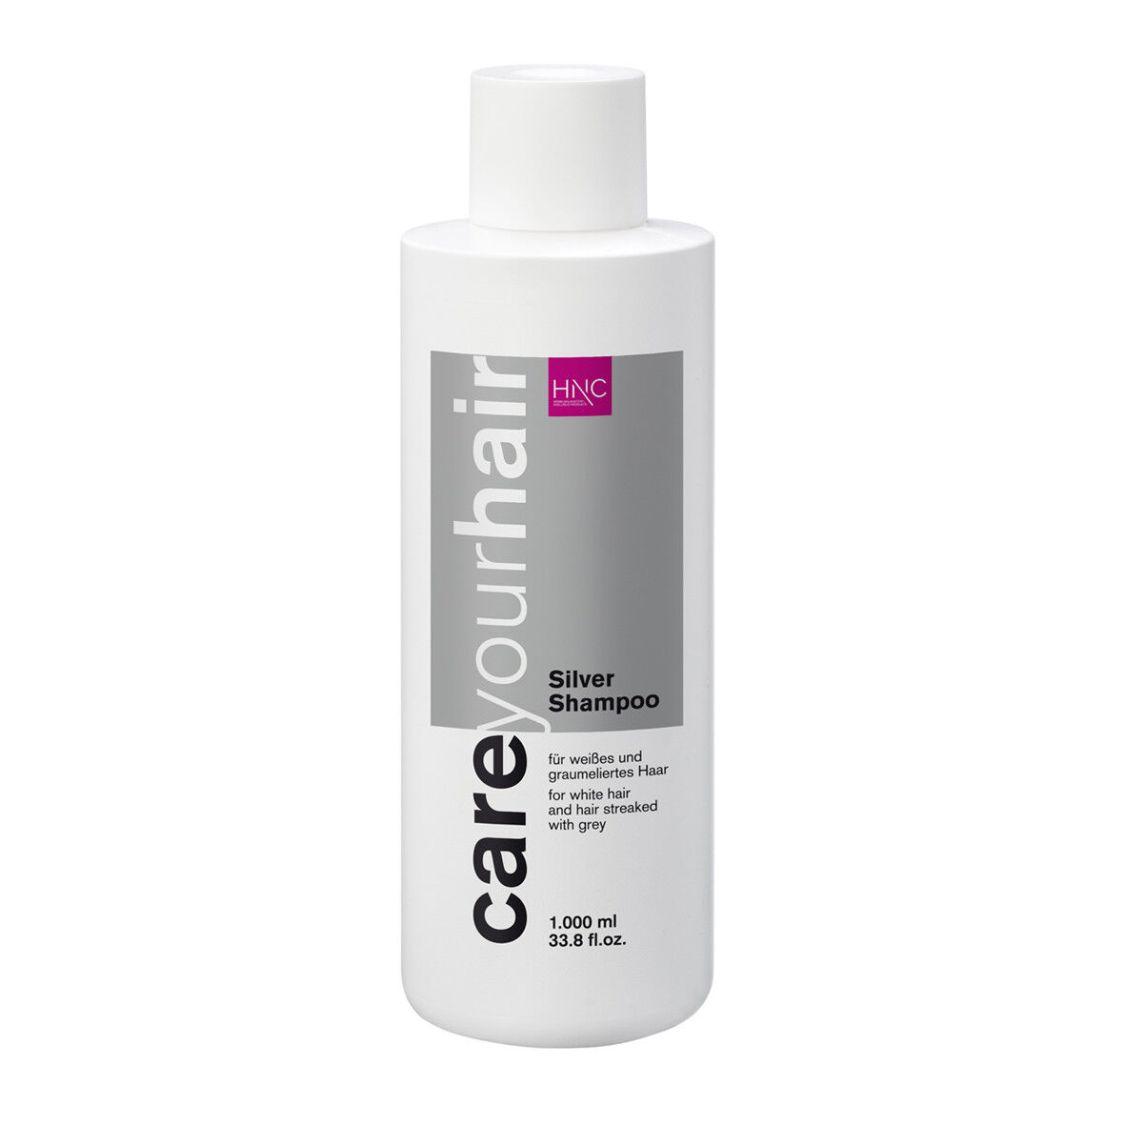 HNC Silber Shampoo 1000ml